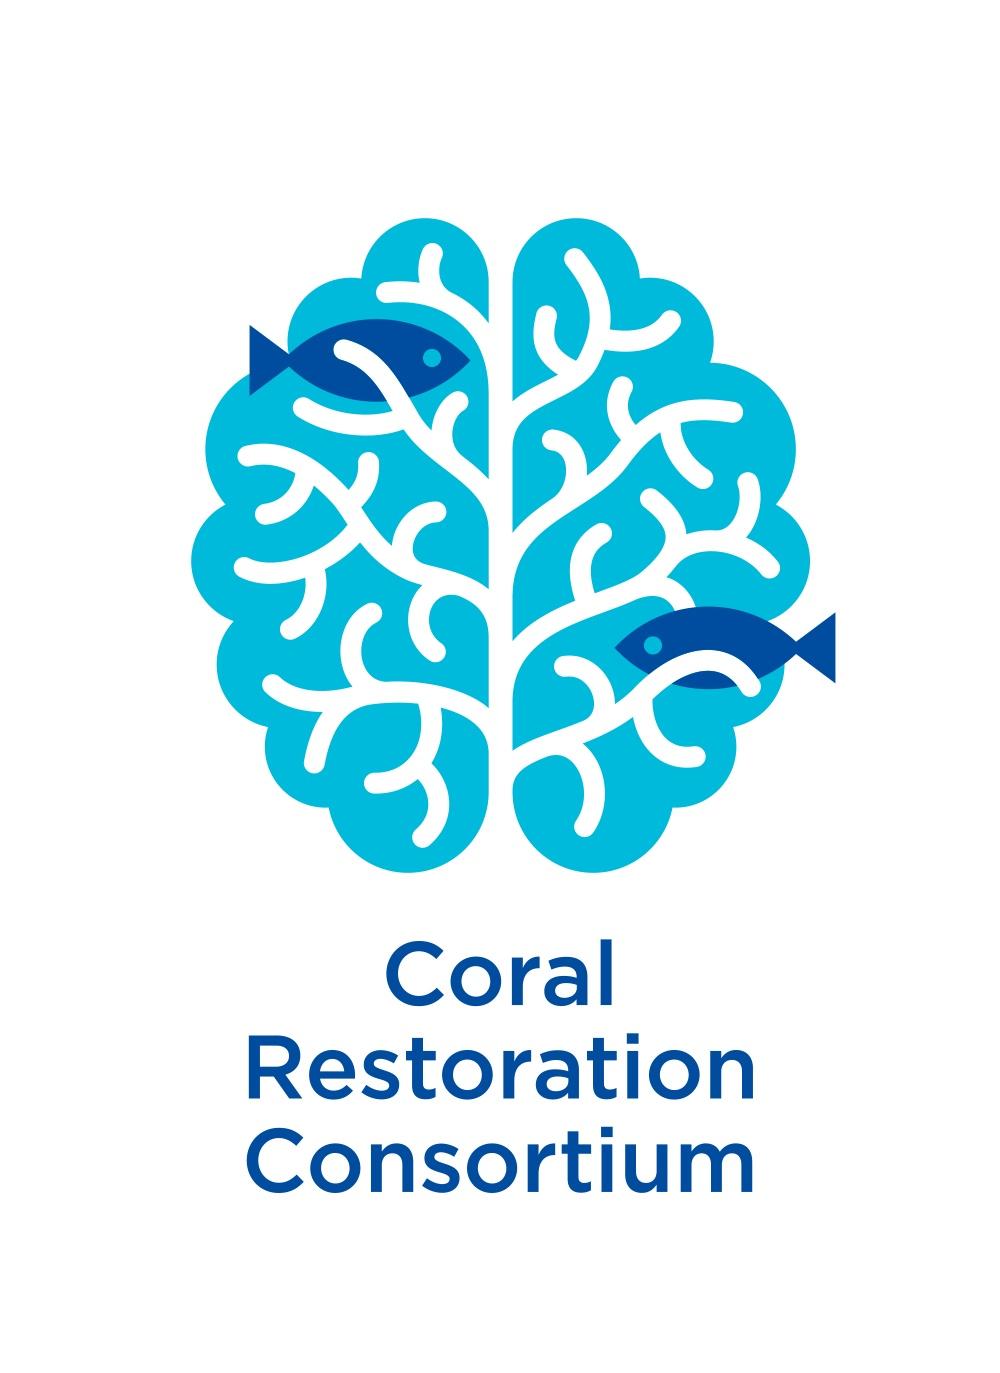 Coral Restoration Consortium